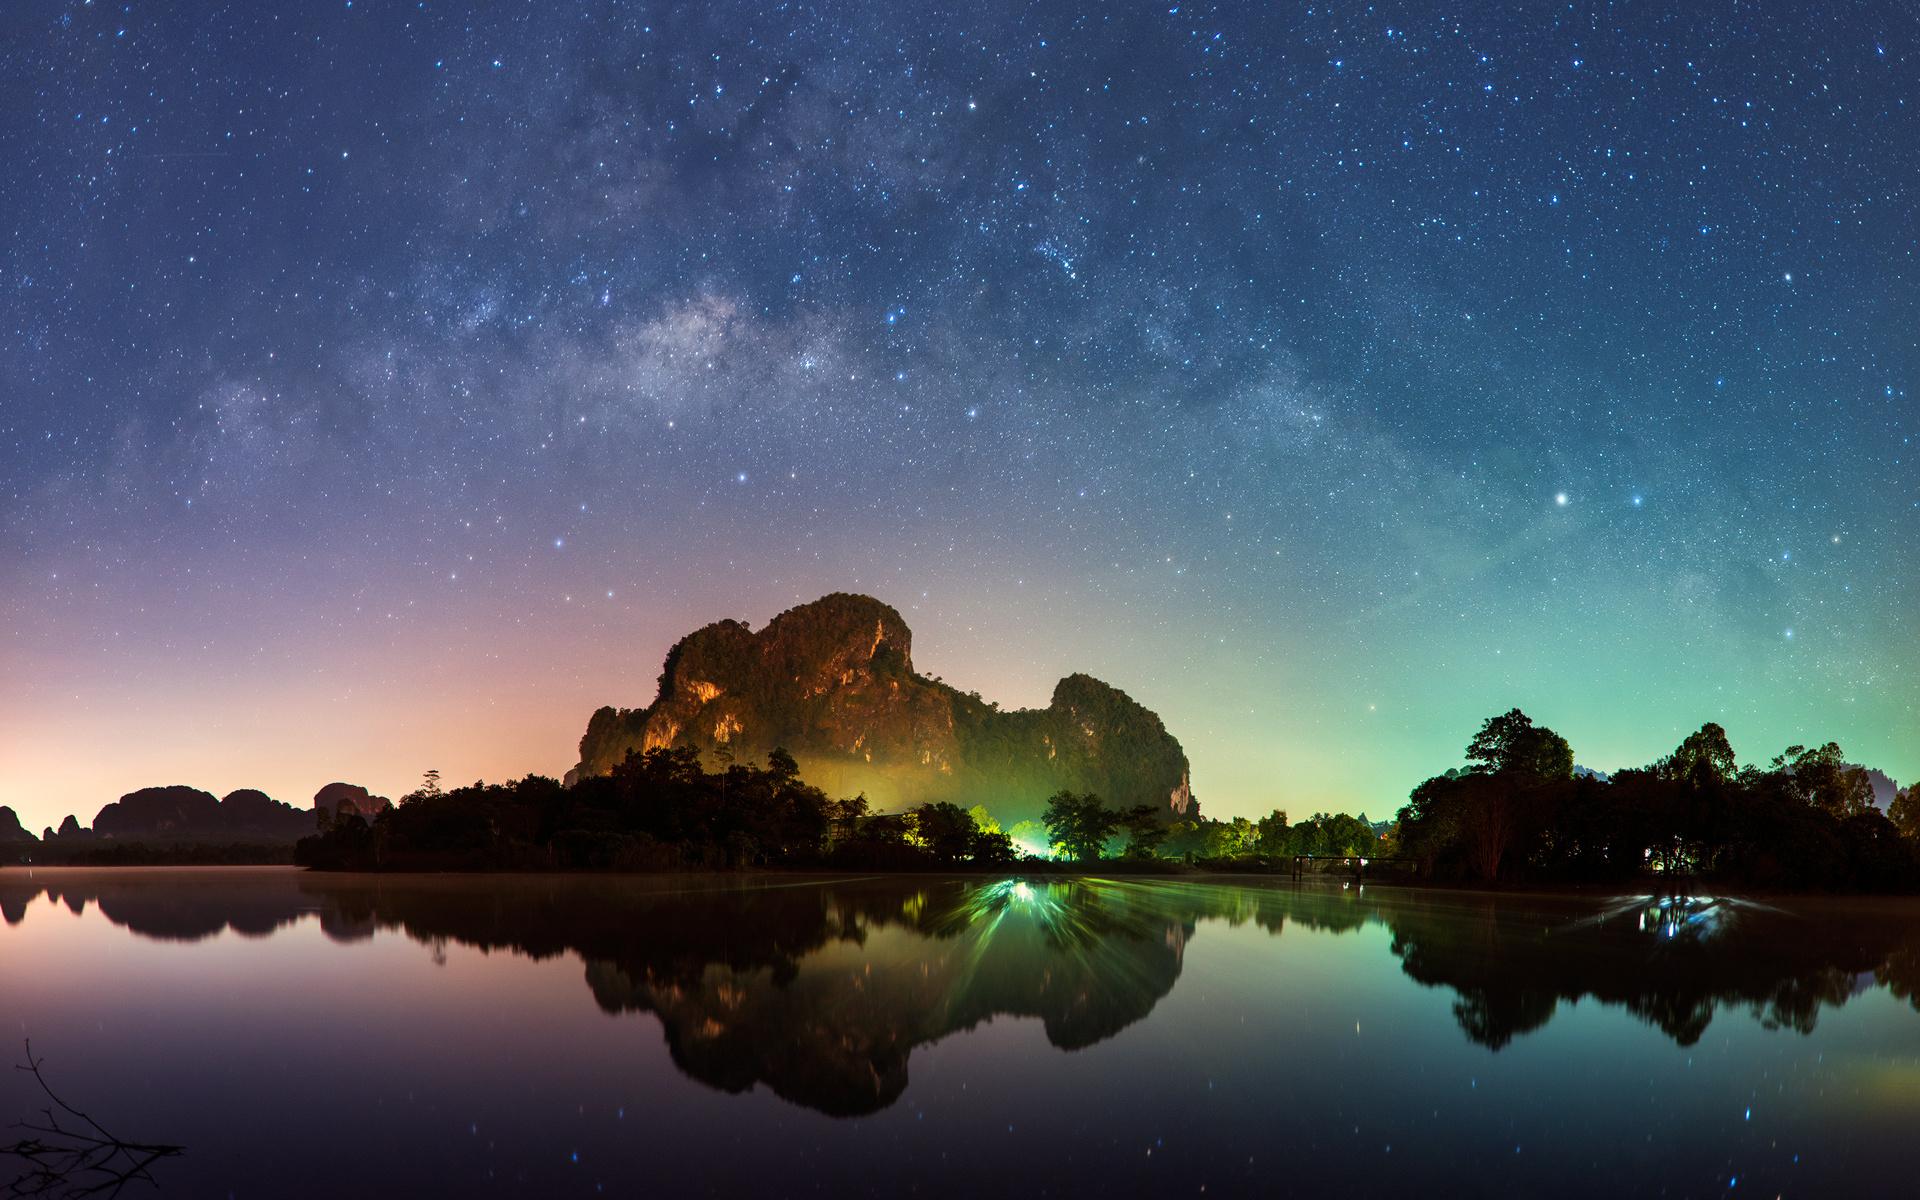 唯美的大自然(33) - 教育星空 - 教育星空